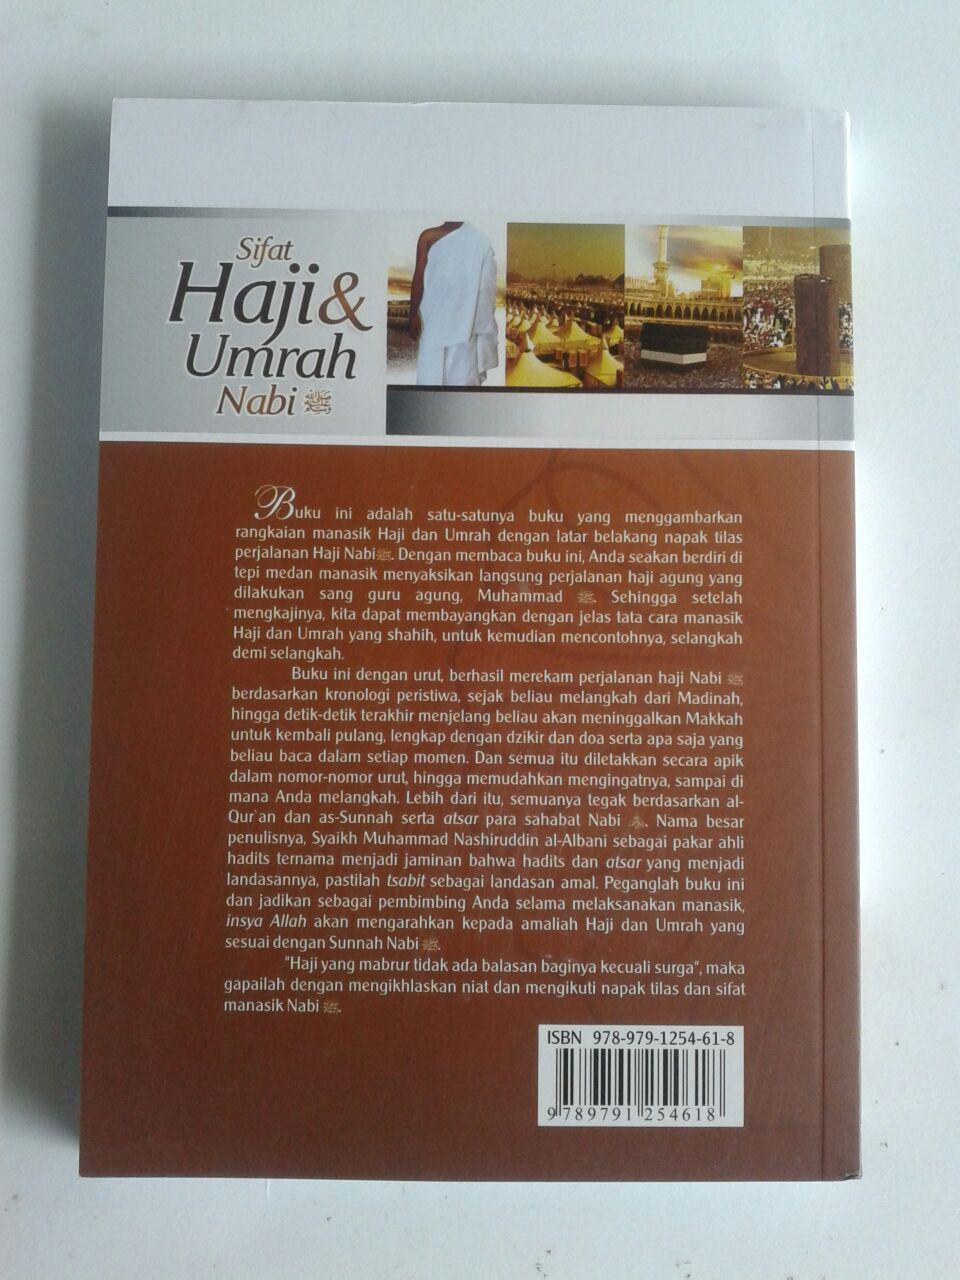 Buku Sifat Haji dan Umrah Nabi cover